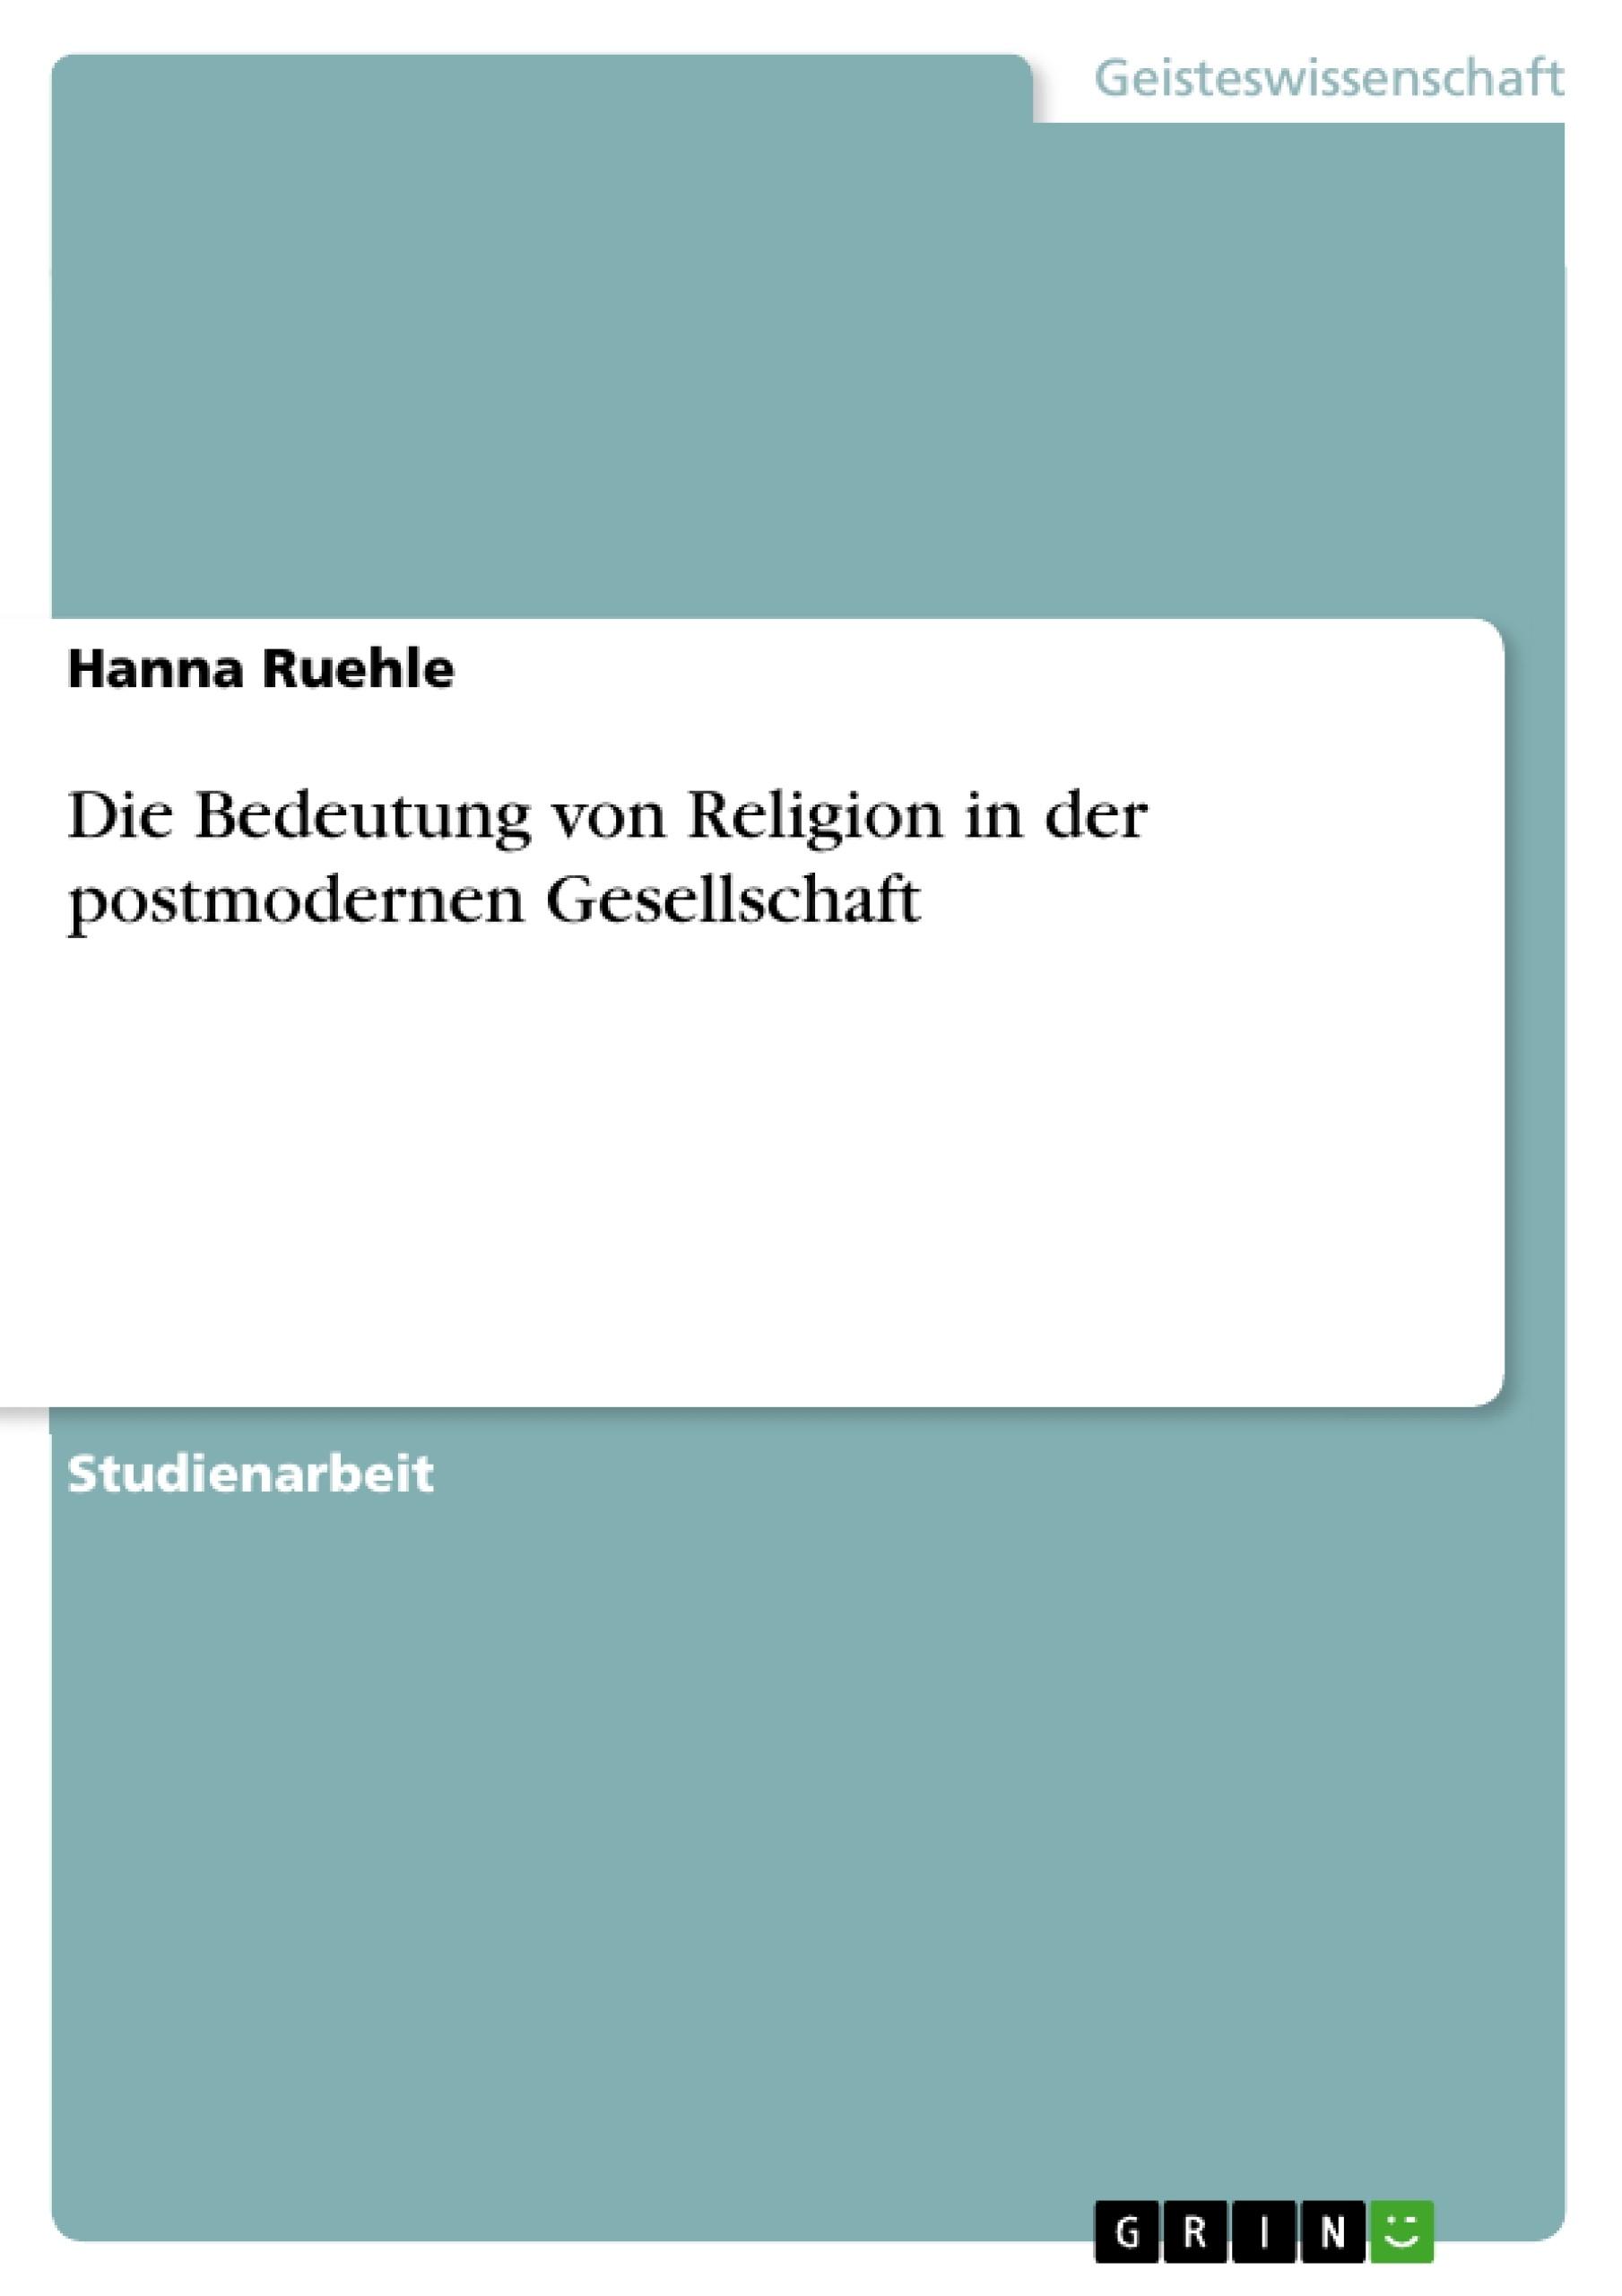 Titel: Die Bedeutung von Religion in der postmodernen Gesellschaft